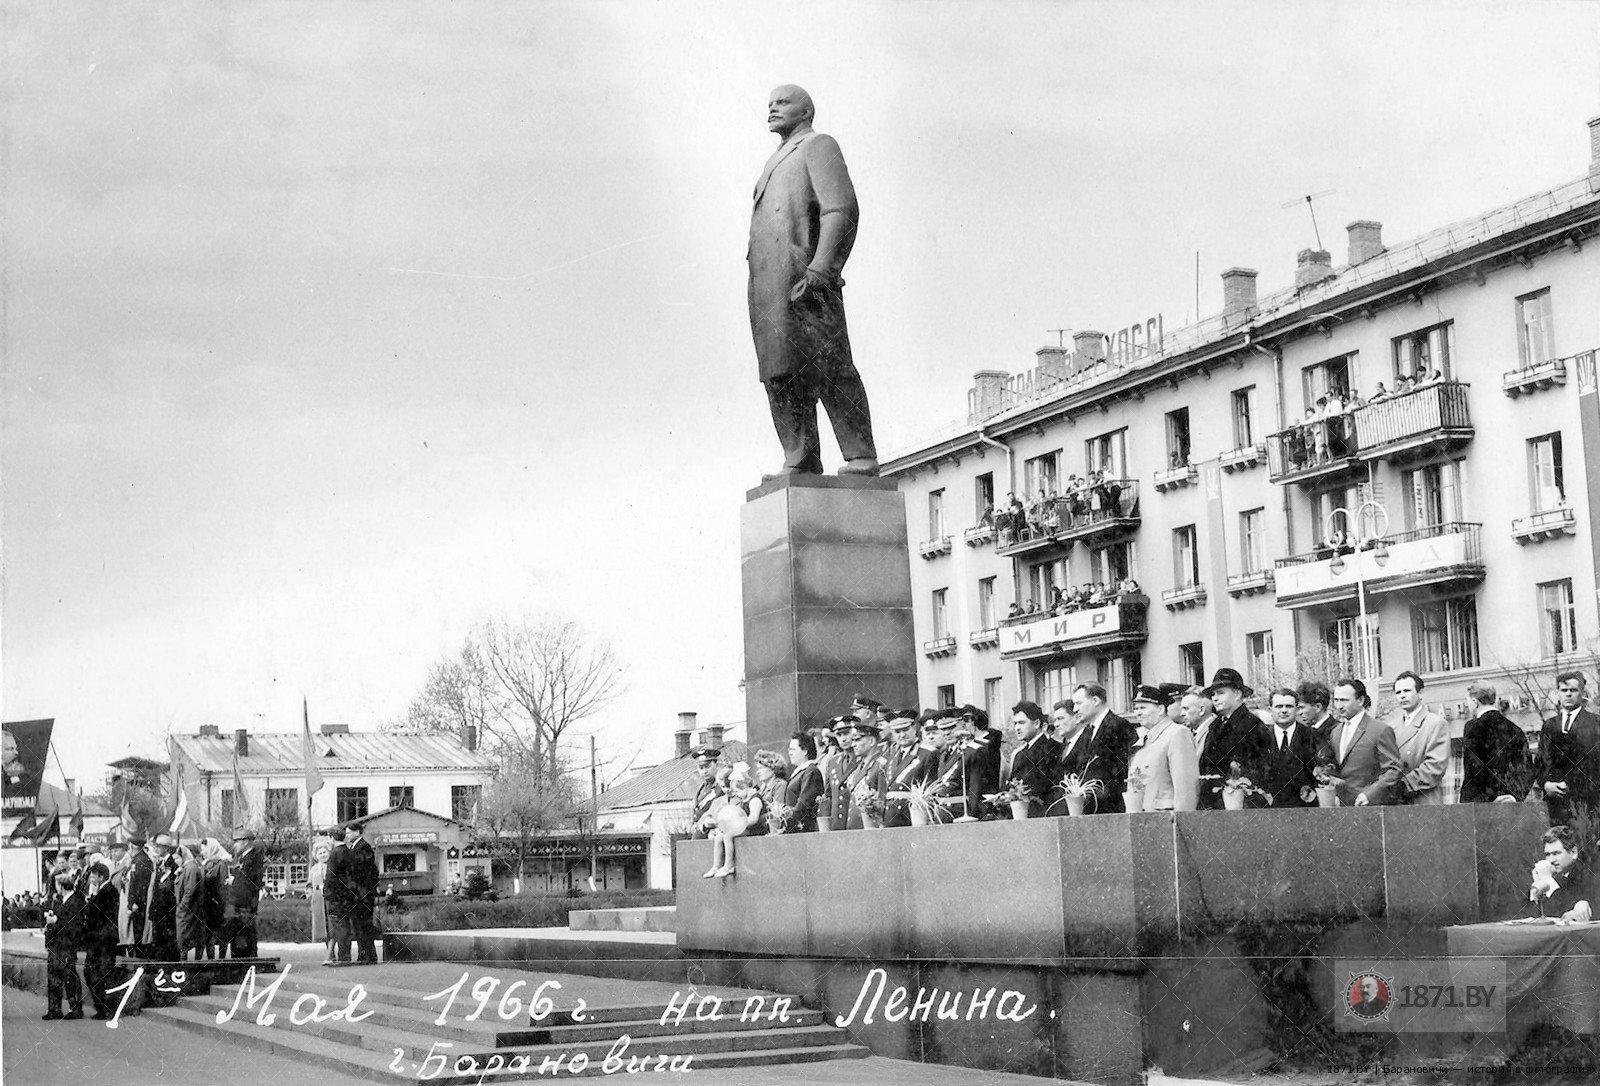 Барановичи. Памятник Ленину. 1 мая 1966